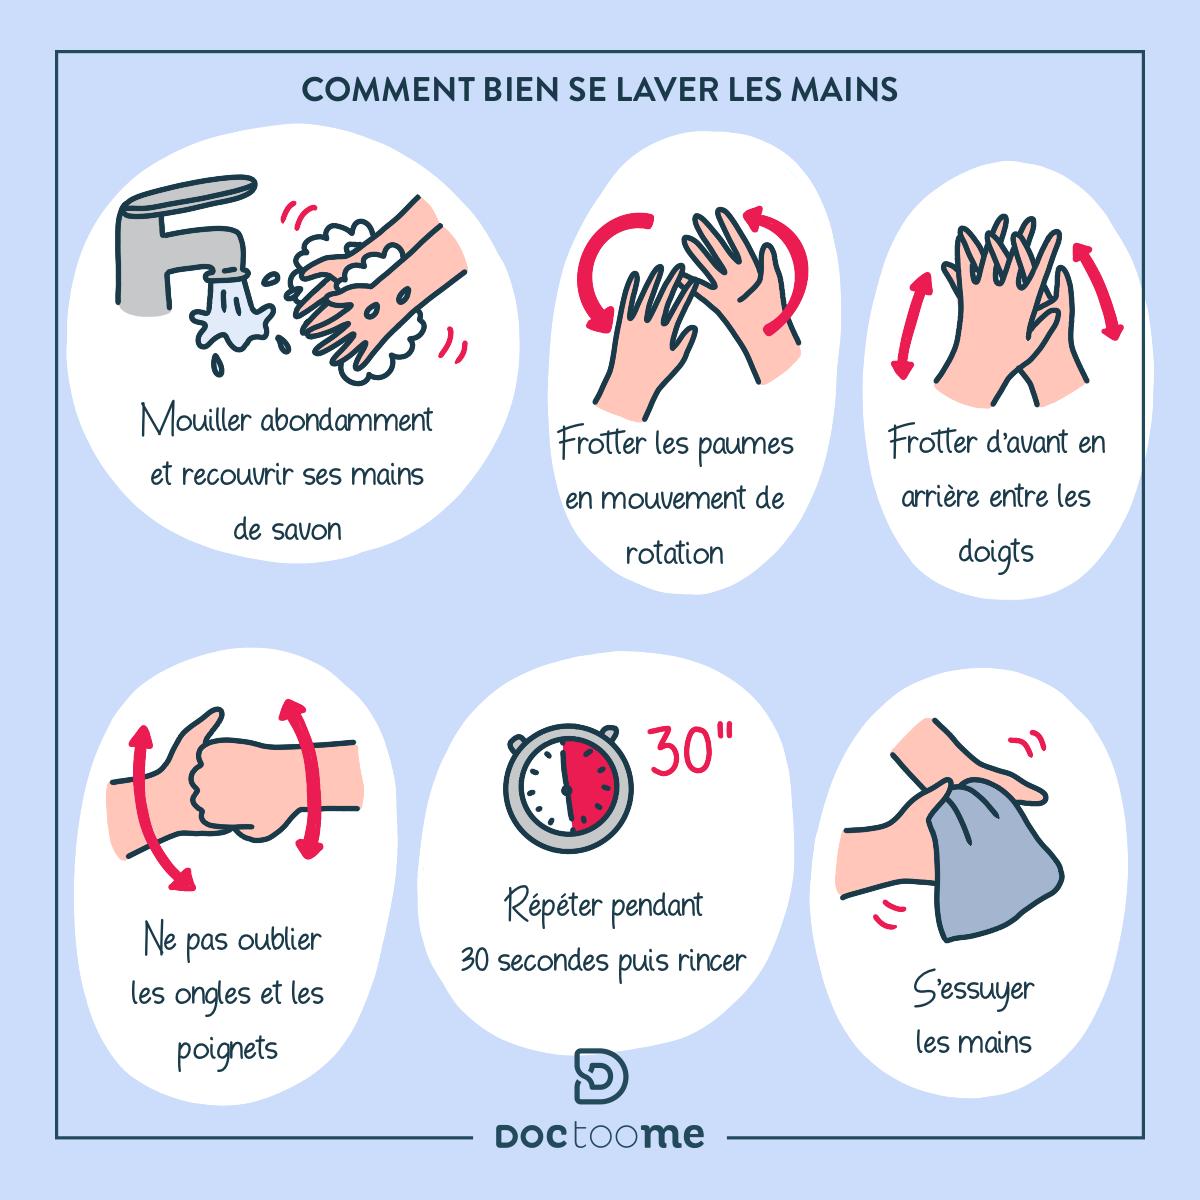 Blog doctoome | Gastro-enterite : comment l'éviter et la soigner ? - Comment bien se laver les mains